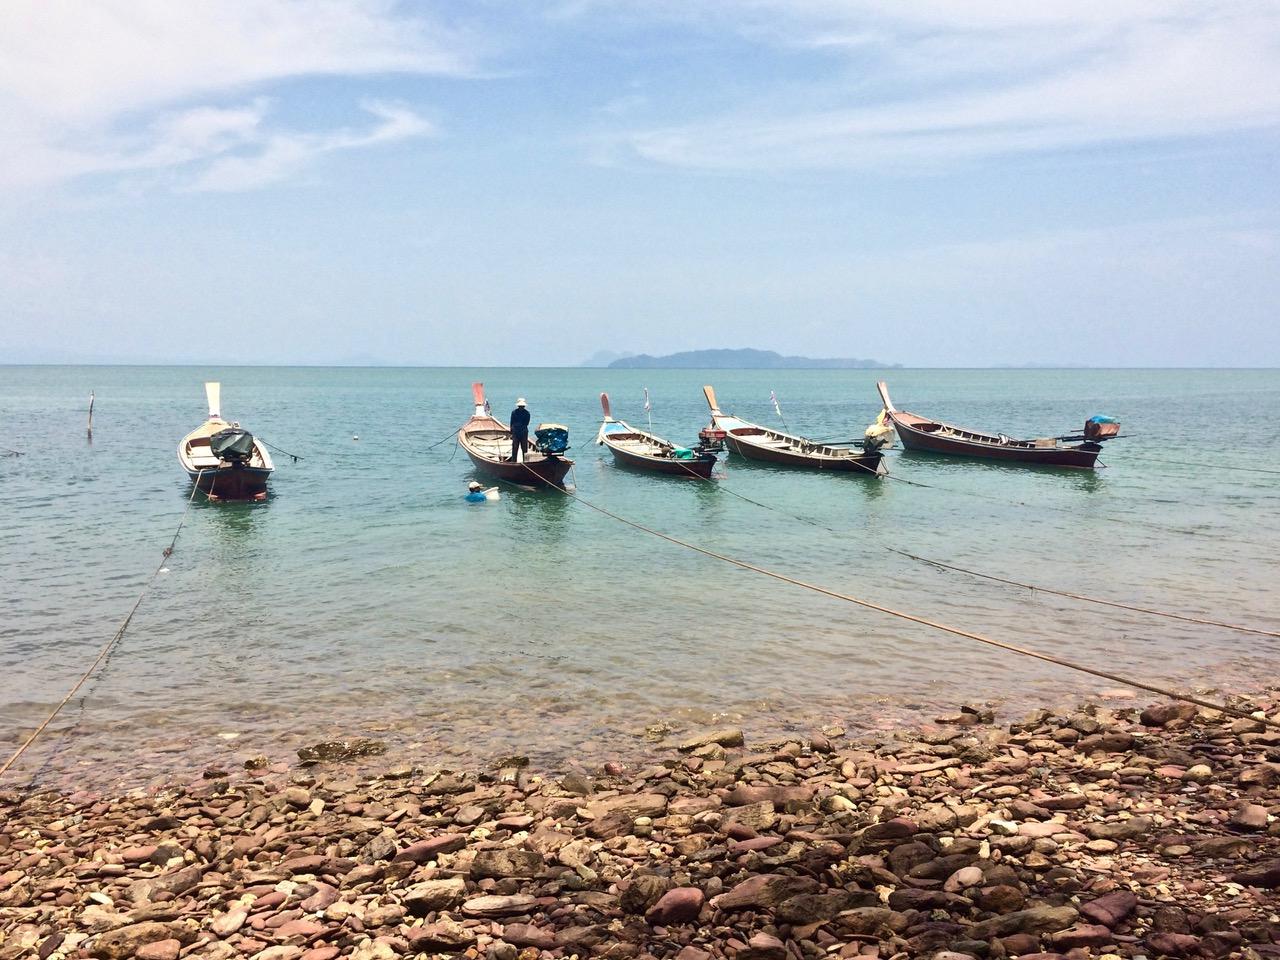 Visiter les plages de l'île de Koh Lanta